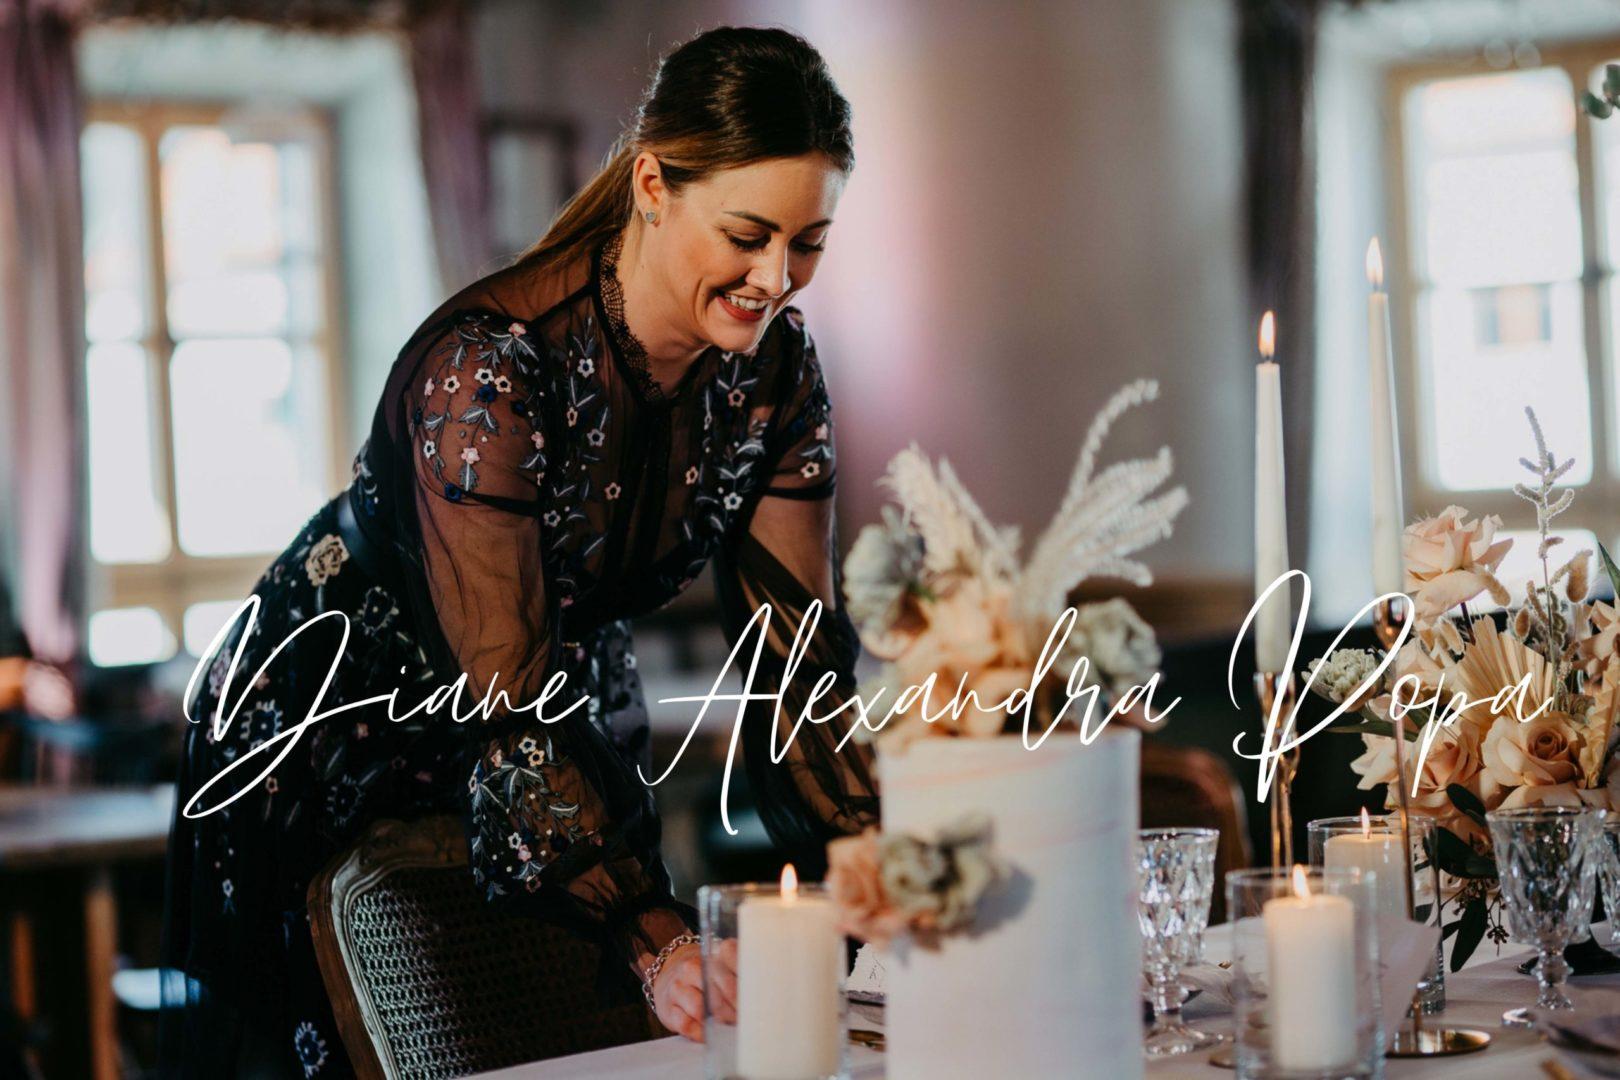 Hochzeitsplanerin Diane Alexandra deckt die Hochzeitstafel ein